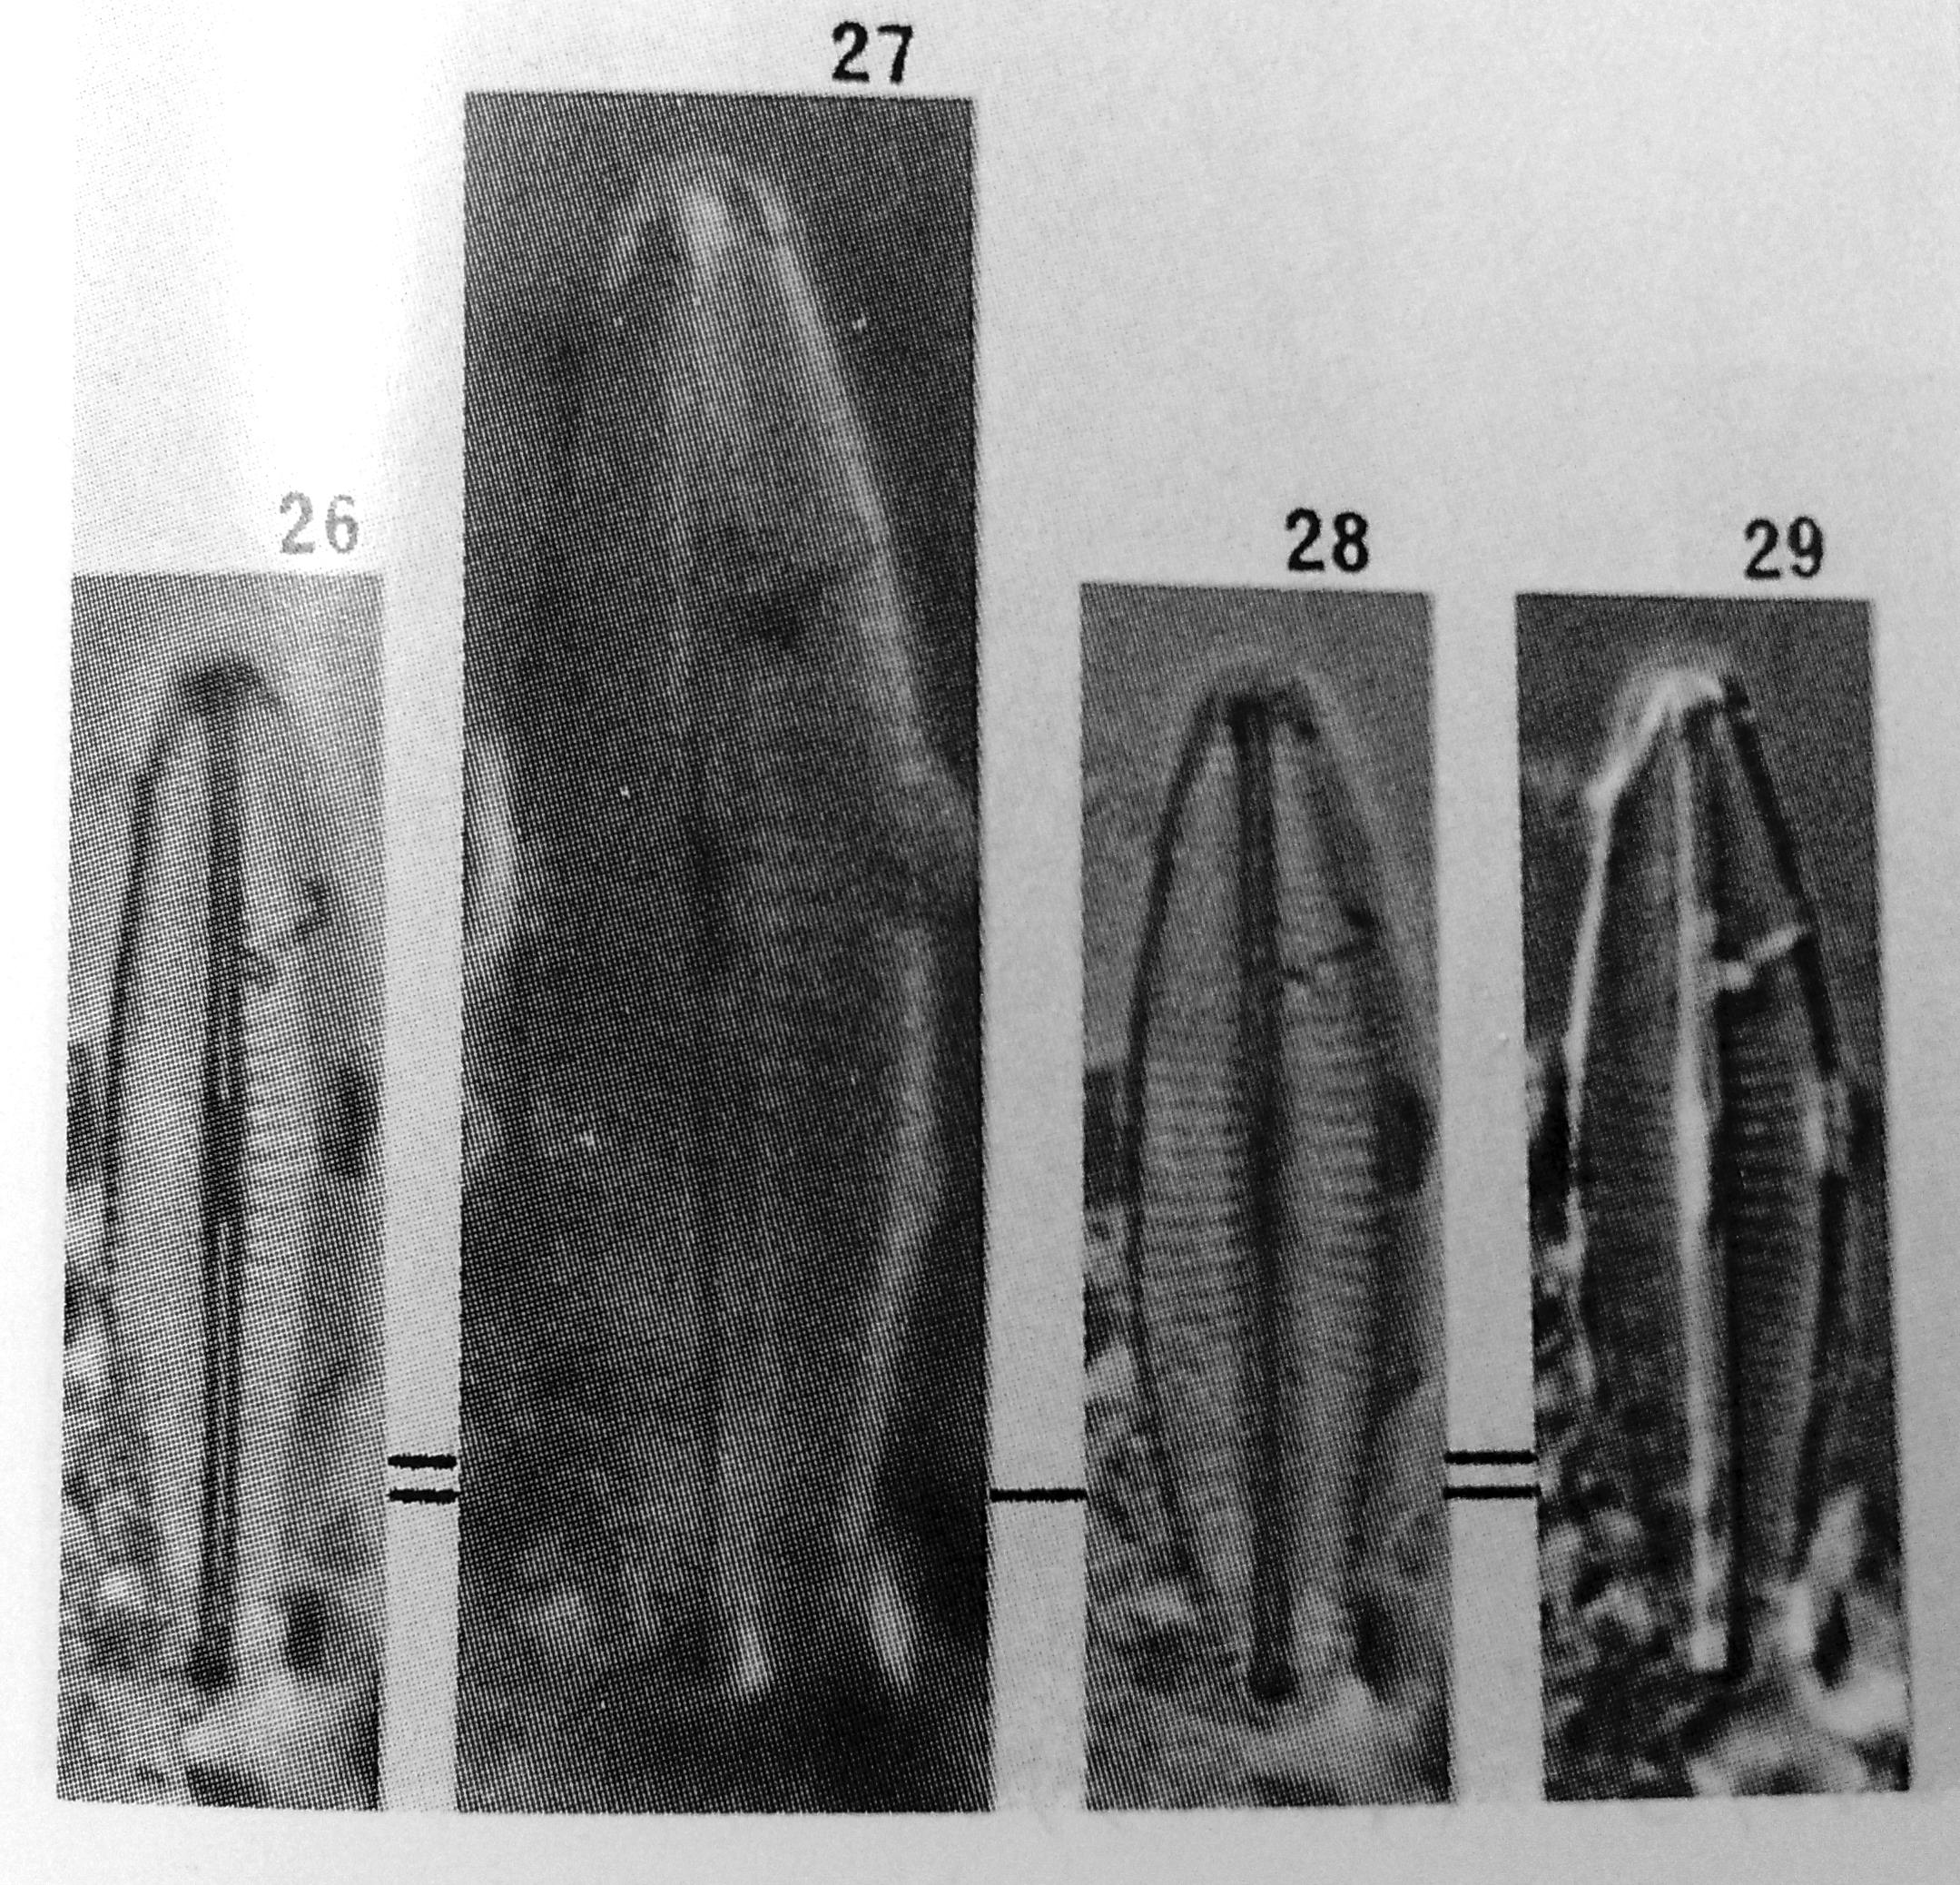 Navicula molestiformis